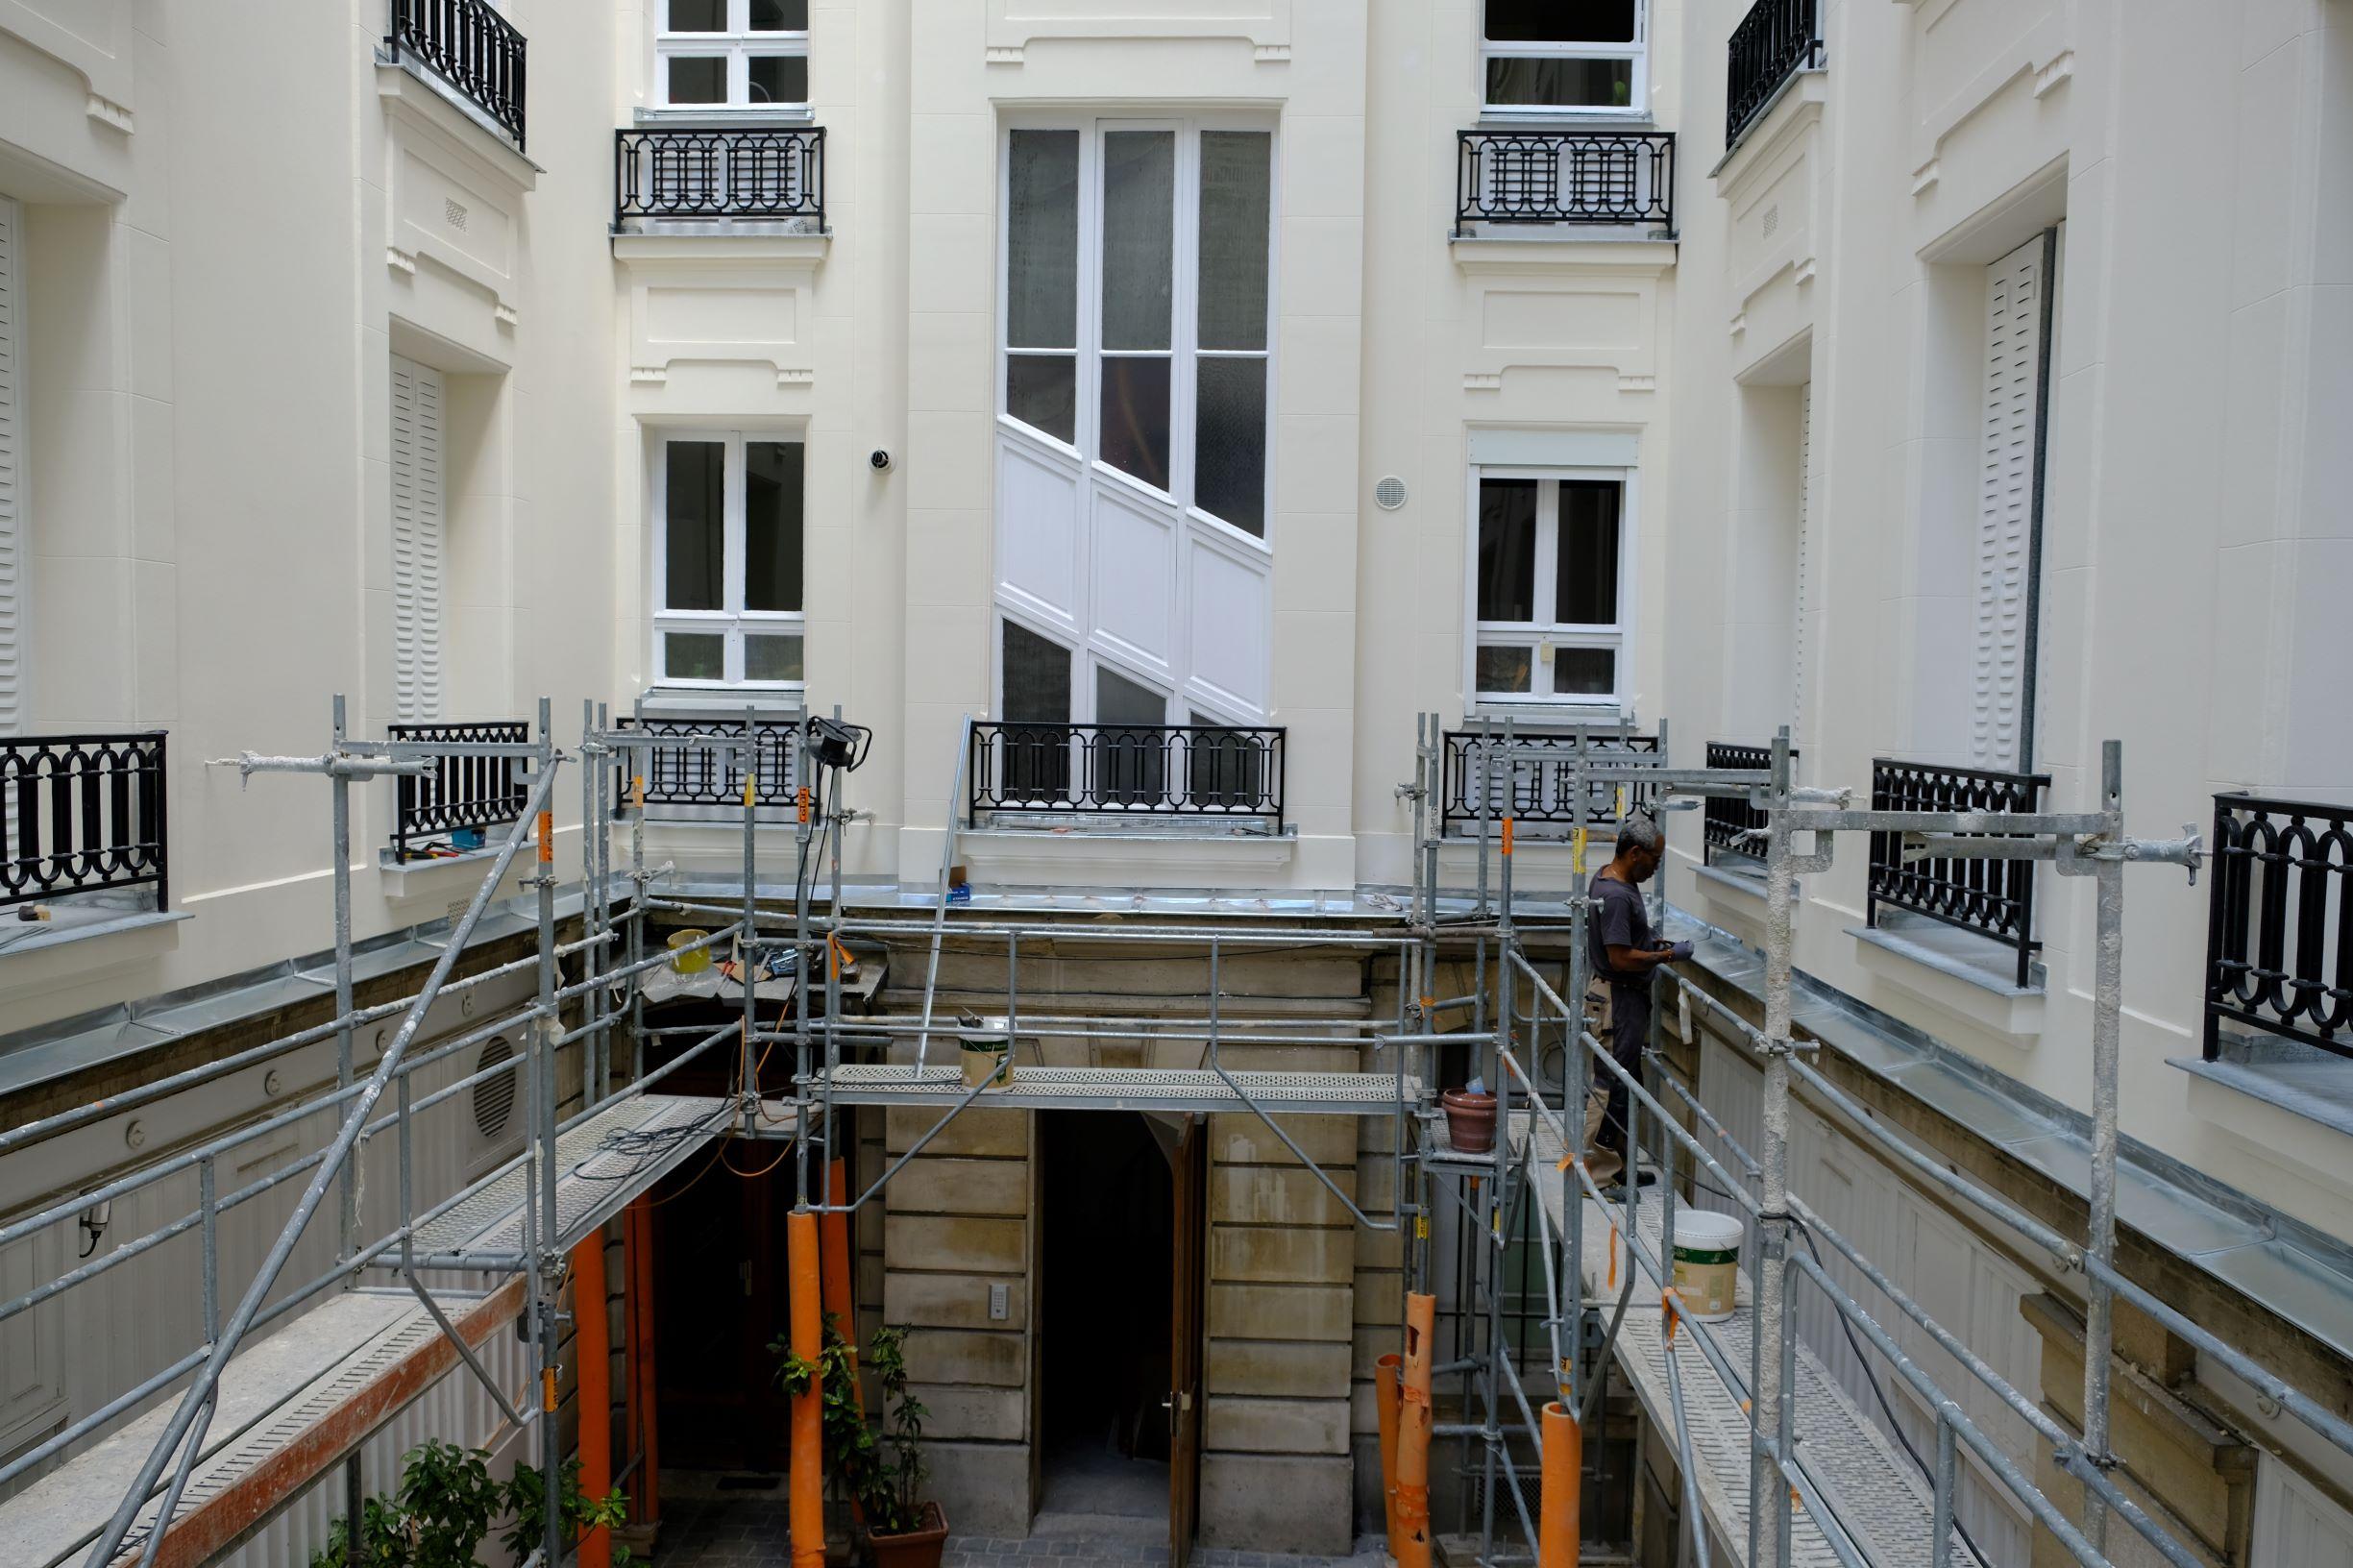 Bandeaux Et Appuis De Fenêtre Neuilly Sur Seine Domingues Couverture